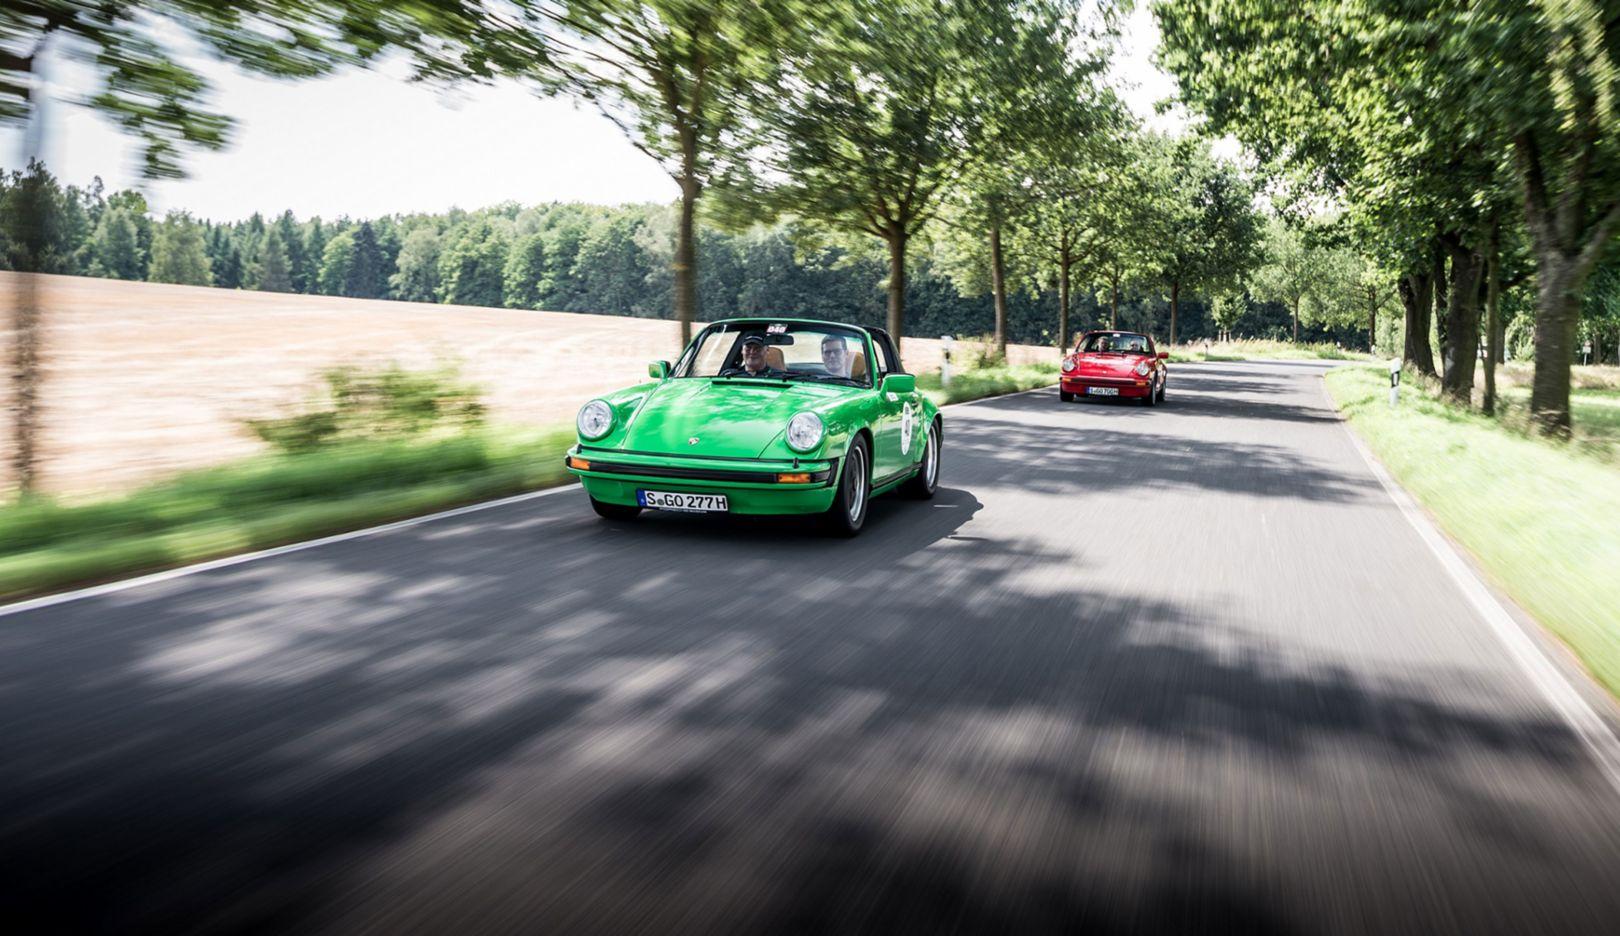 Sachsen Classic, 2017, Porsche 911 Carrera 3.0 Targa (1976) und Porsche 911 SC 3.0 Targa (1981), Porsche AG